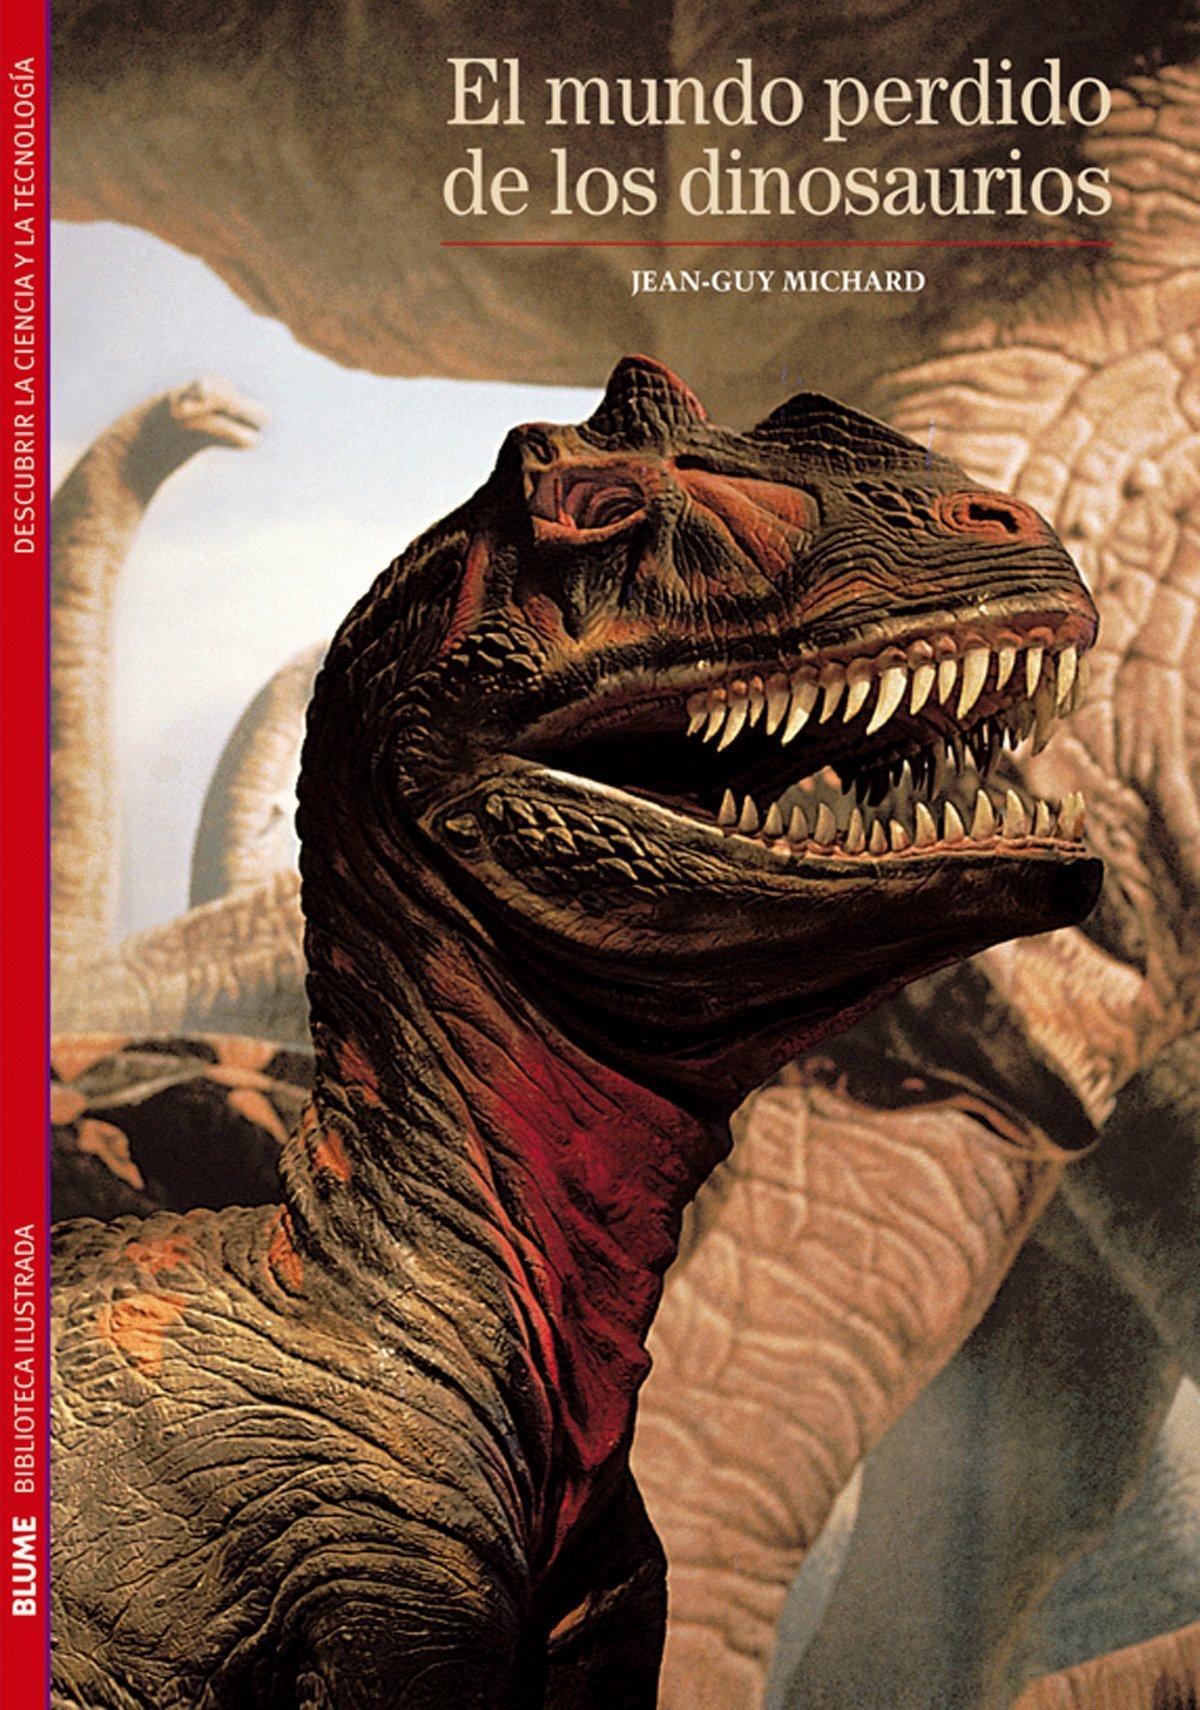 El mundo perdido de los dinosaurios (Biblioteca ilustrada) (Spanish Edition)